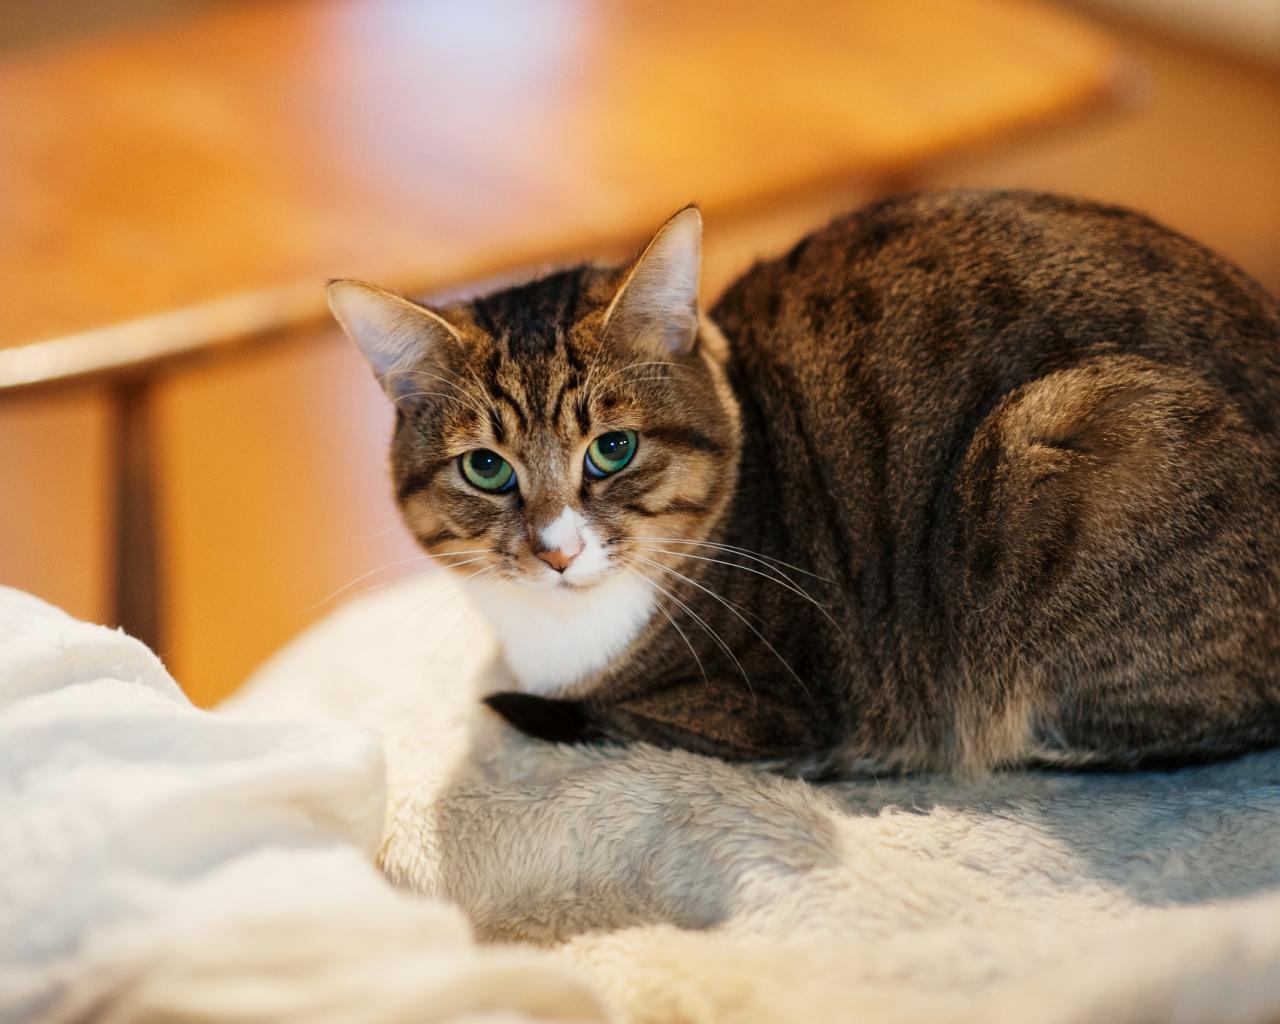 Un gato mirandote - 1280x1024